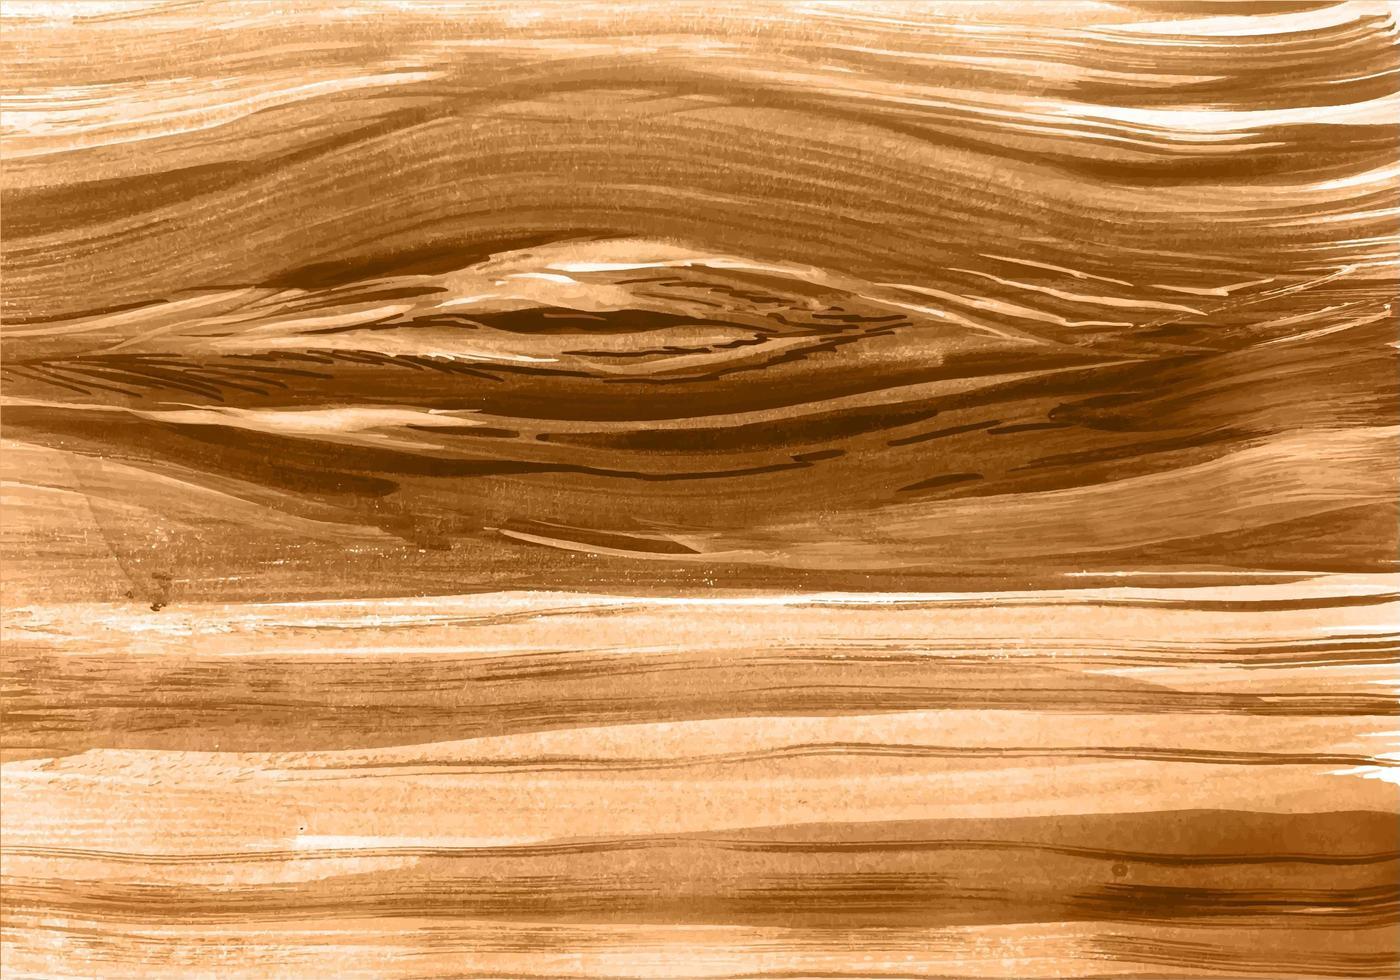 noeud beige en texture bois vecteur